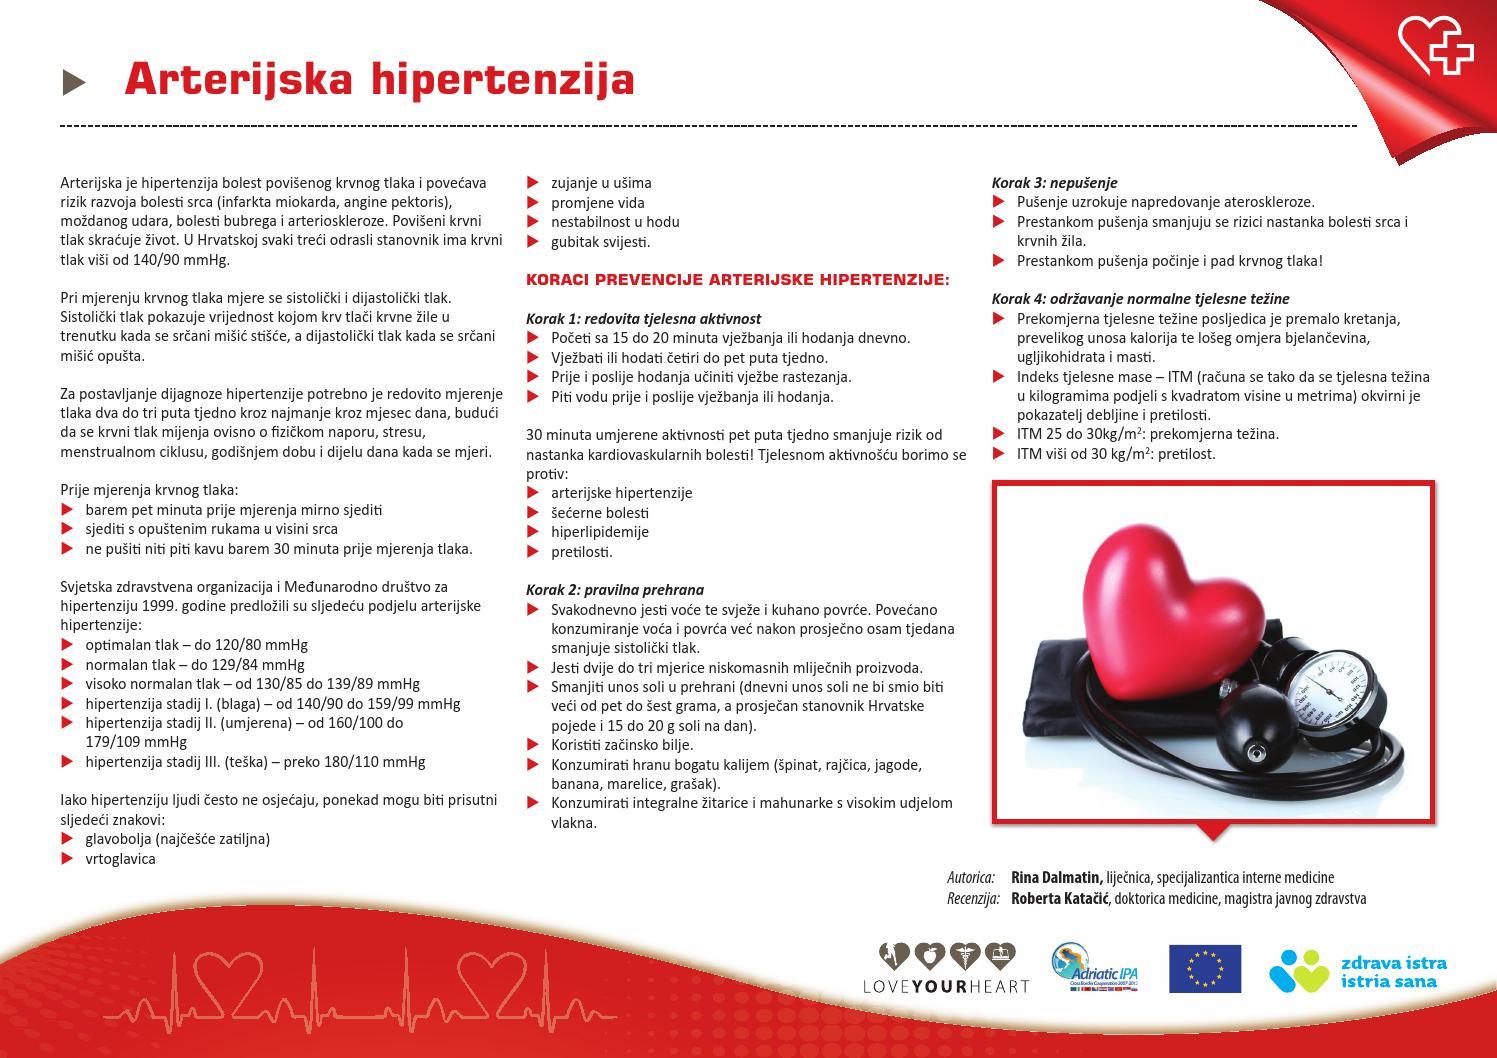 rehabilitacija hipertenzije u bolnici fiziološka otopina hipertenzija